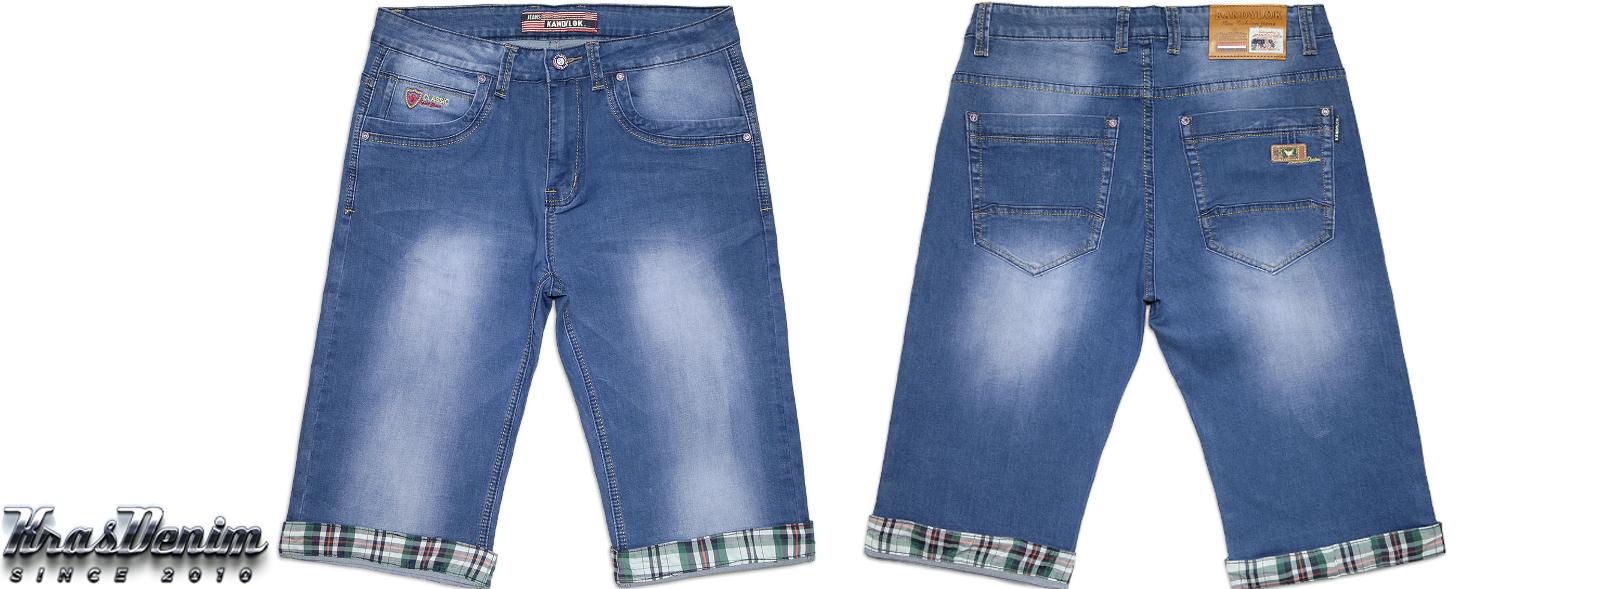 Новинки в мужских и женских джинсах+шорты на взрослых! До 58 размера.